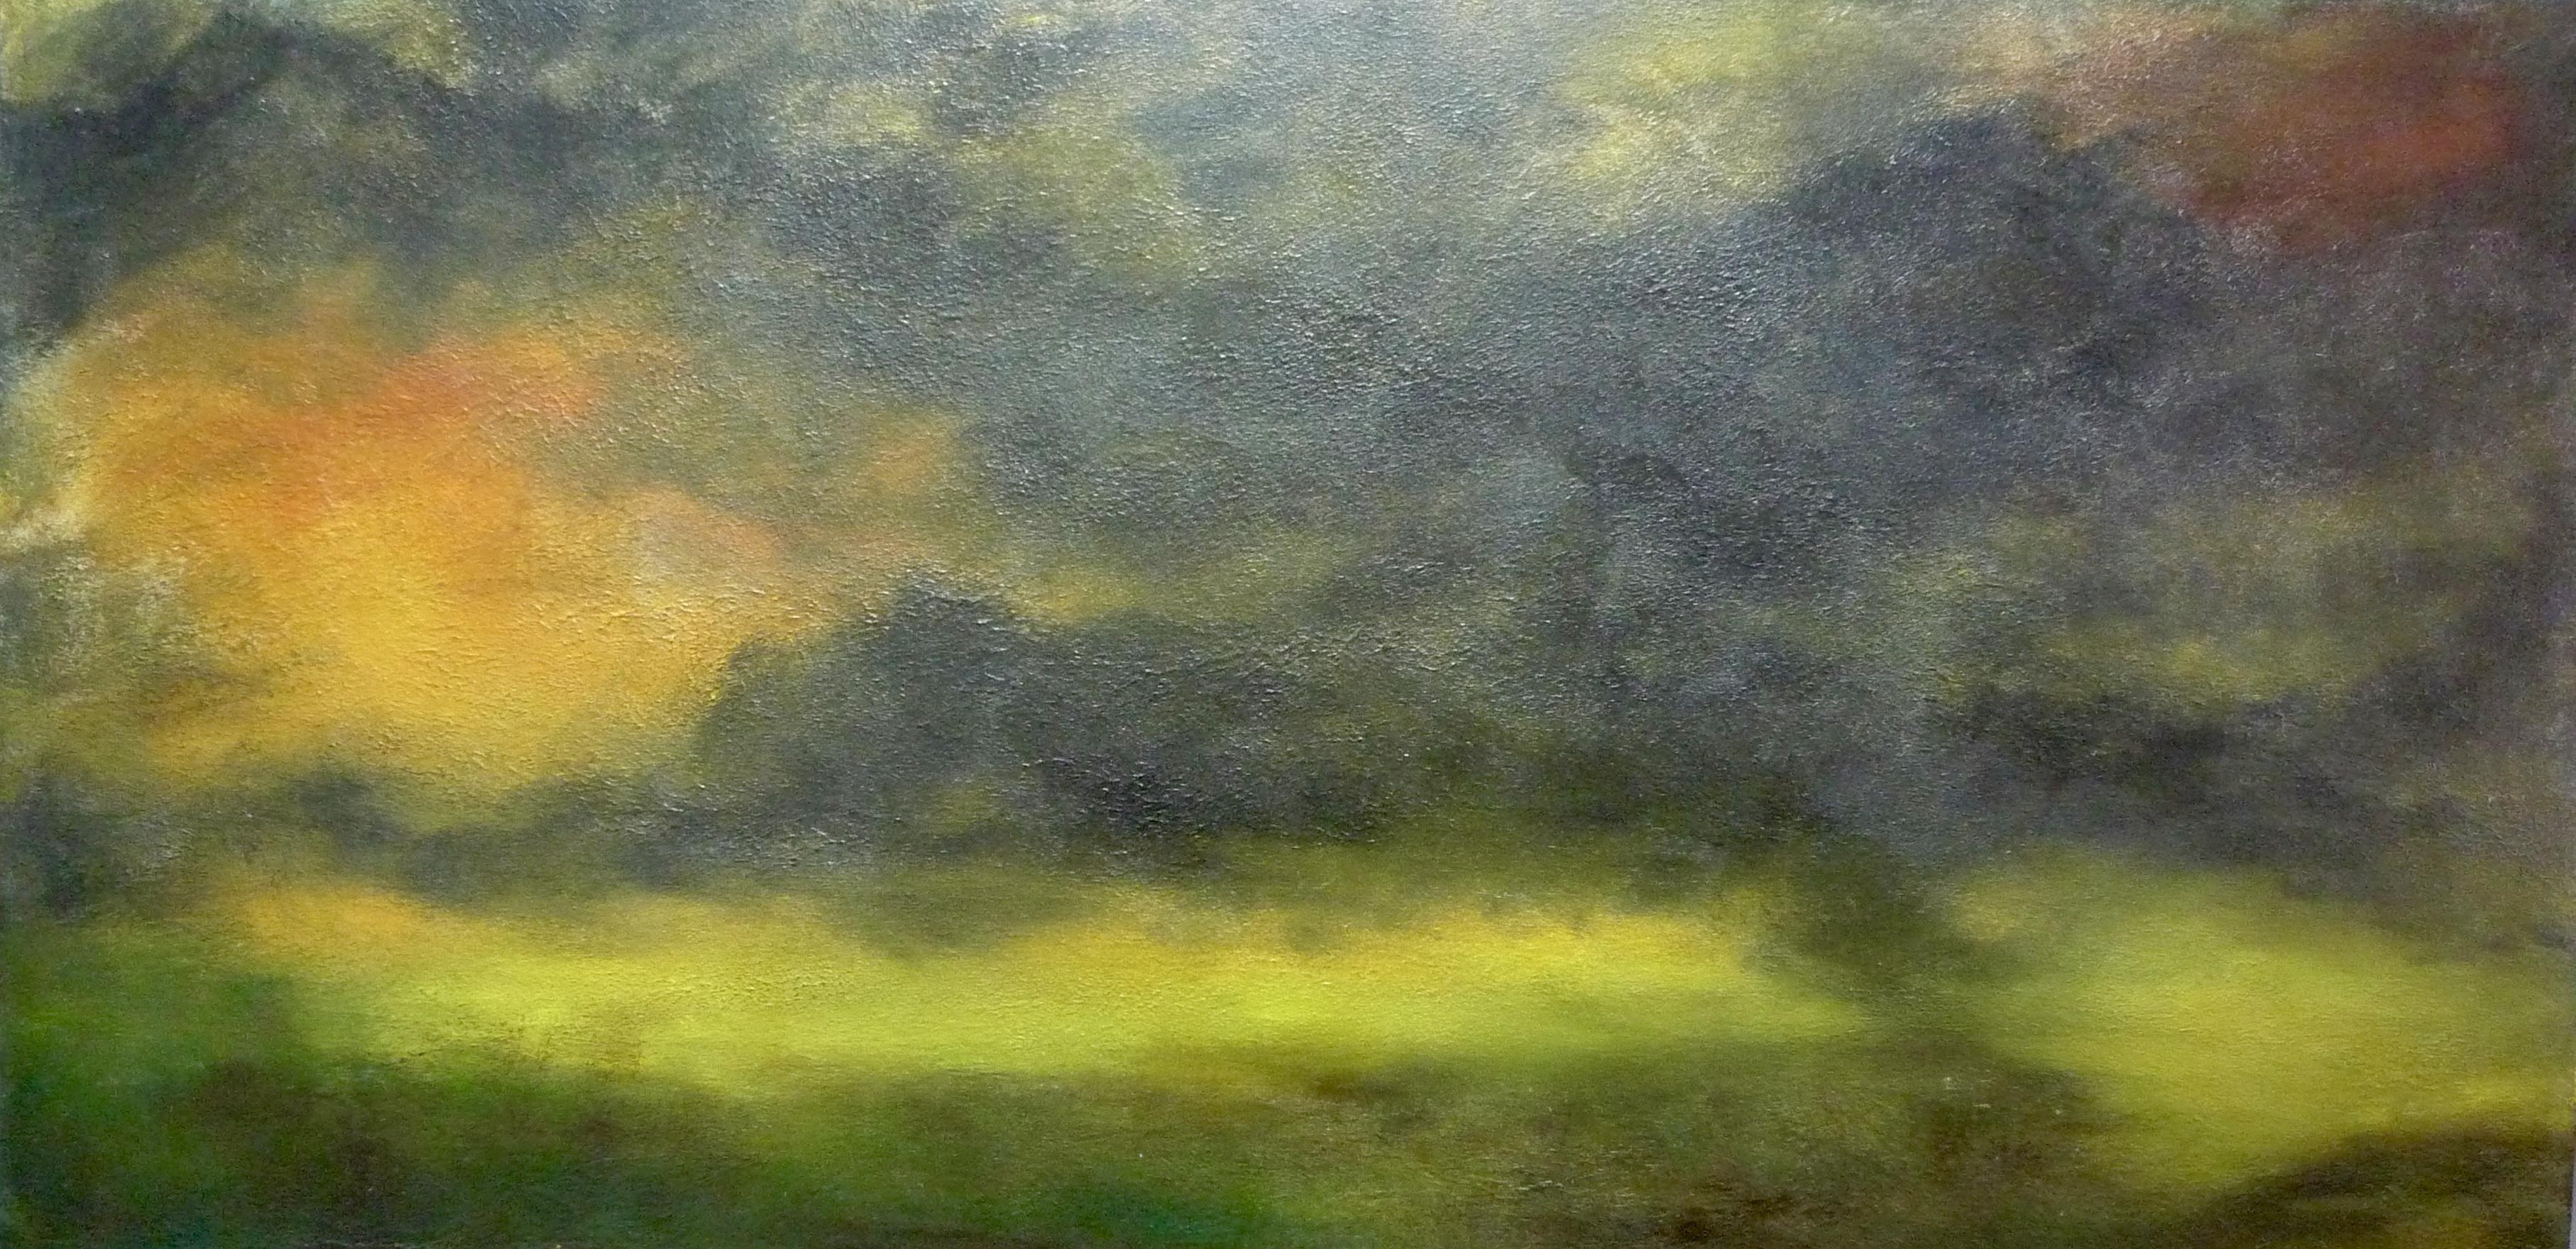 Unsettling Green Sky